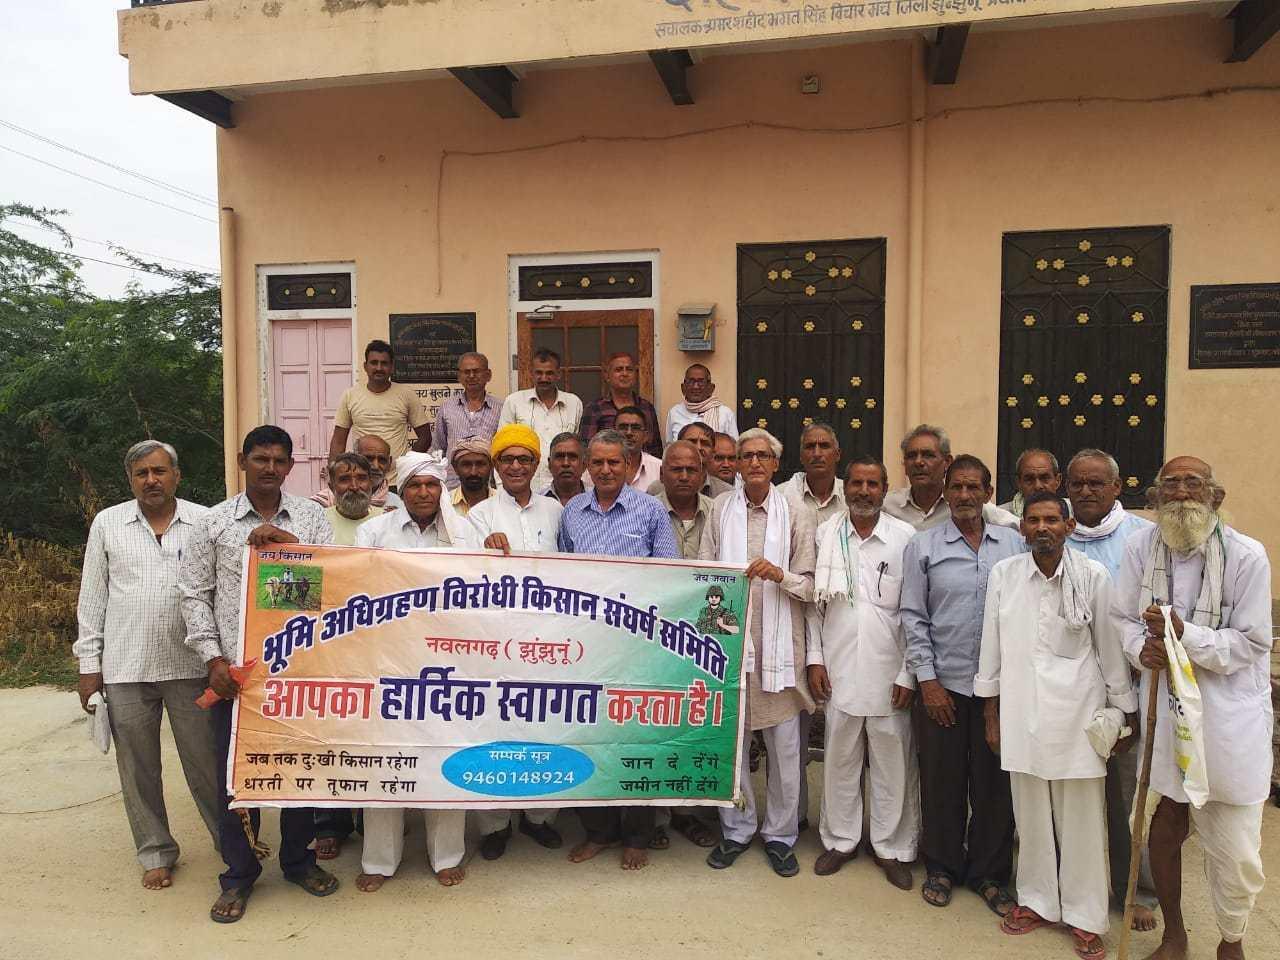 راجستھان کے جھنجھنوں ضلعے کے نول گڑھ میں سیمنٹ فیکٹری کے لئے زمین کے حصول کی مخالفت میں 18 گاؤں کے لوگ 8 سال سے زیادہ وقت سے دھرنا دے رہے ہیں۔ (فوٹو : مادھو شرما)